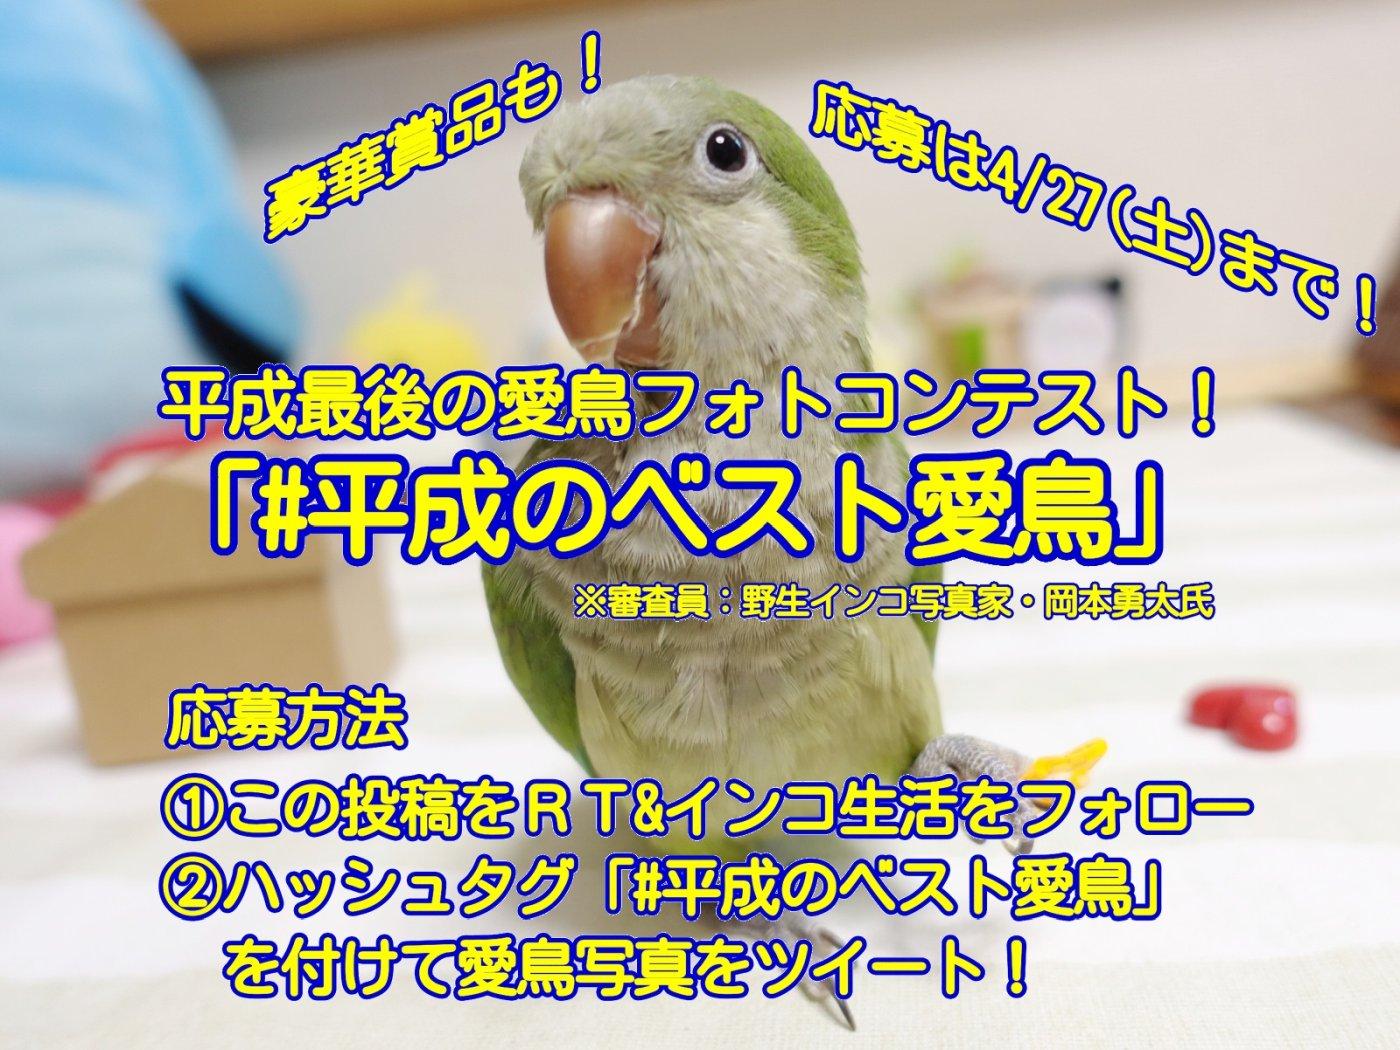 平成最後の愛鳥フォトコンテスト「#平成のベスト愛鳥」をツイッターとインスタグラムで開催